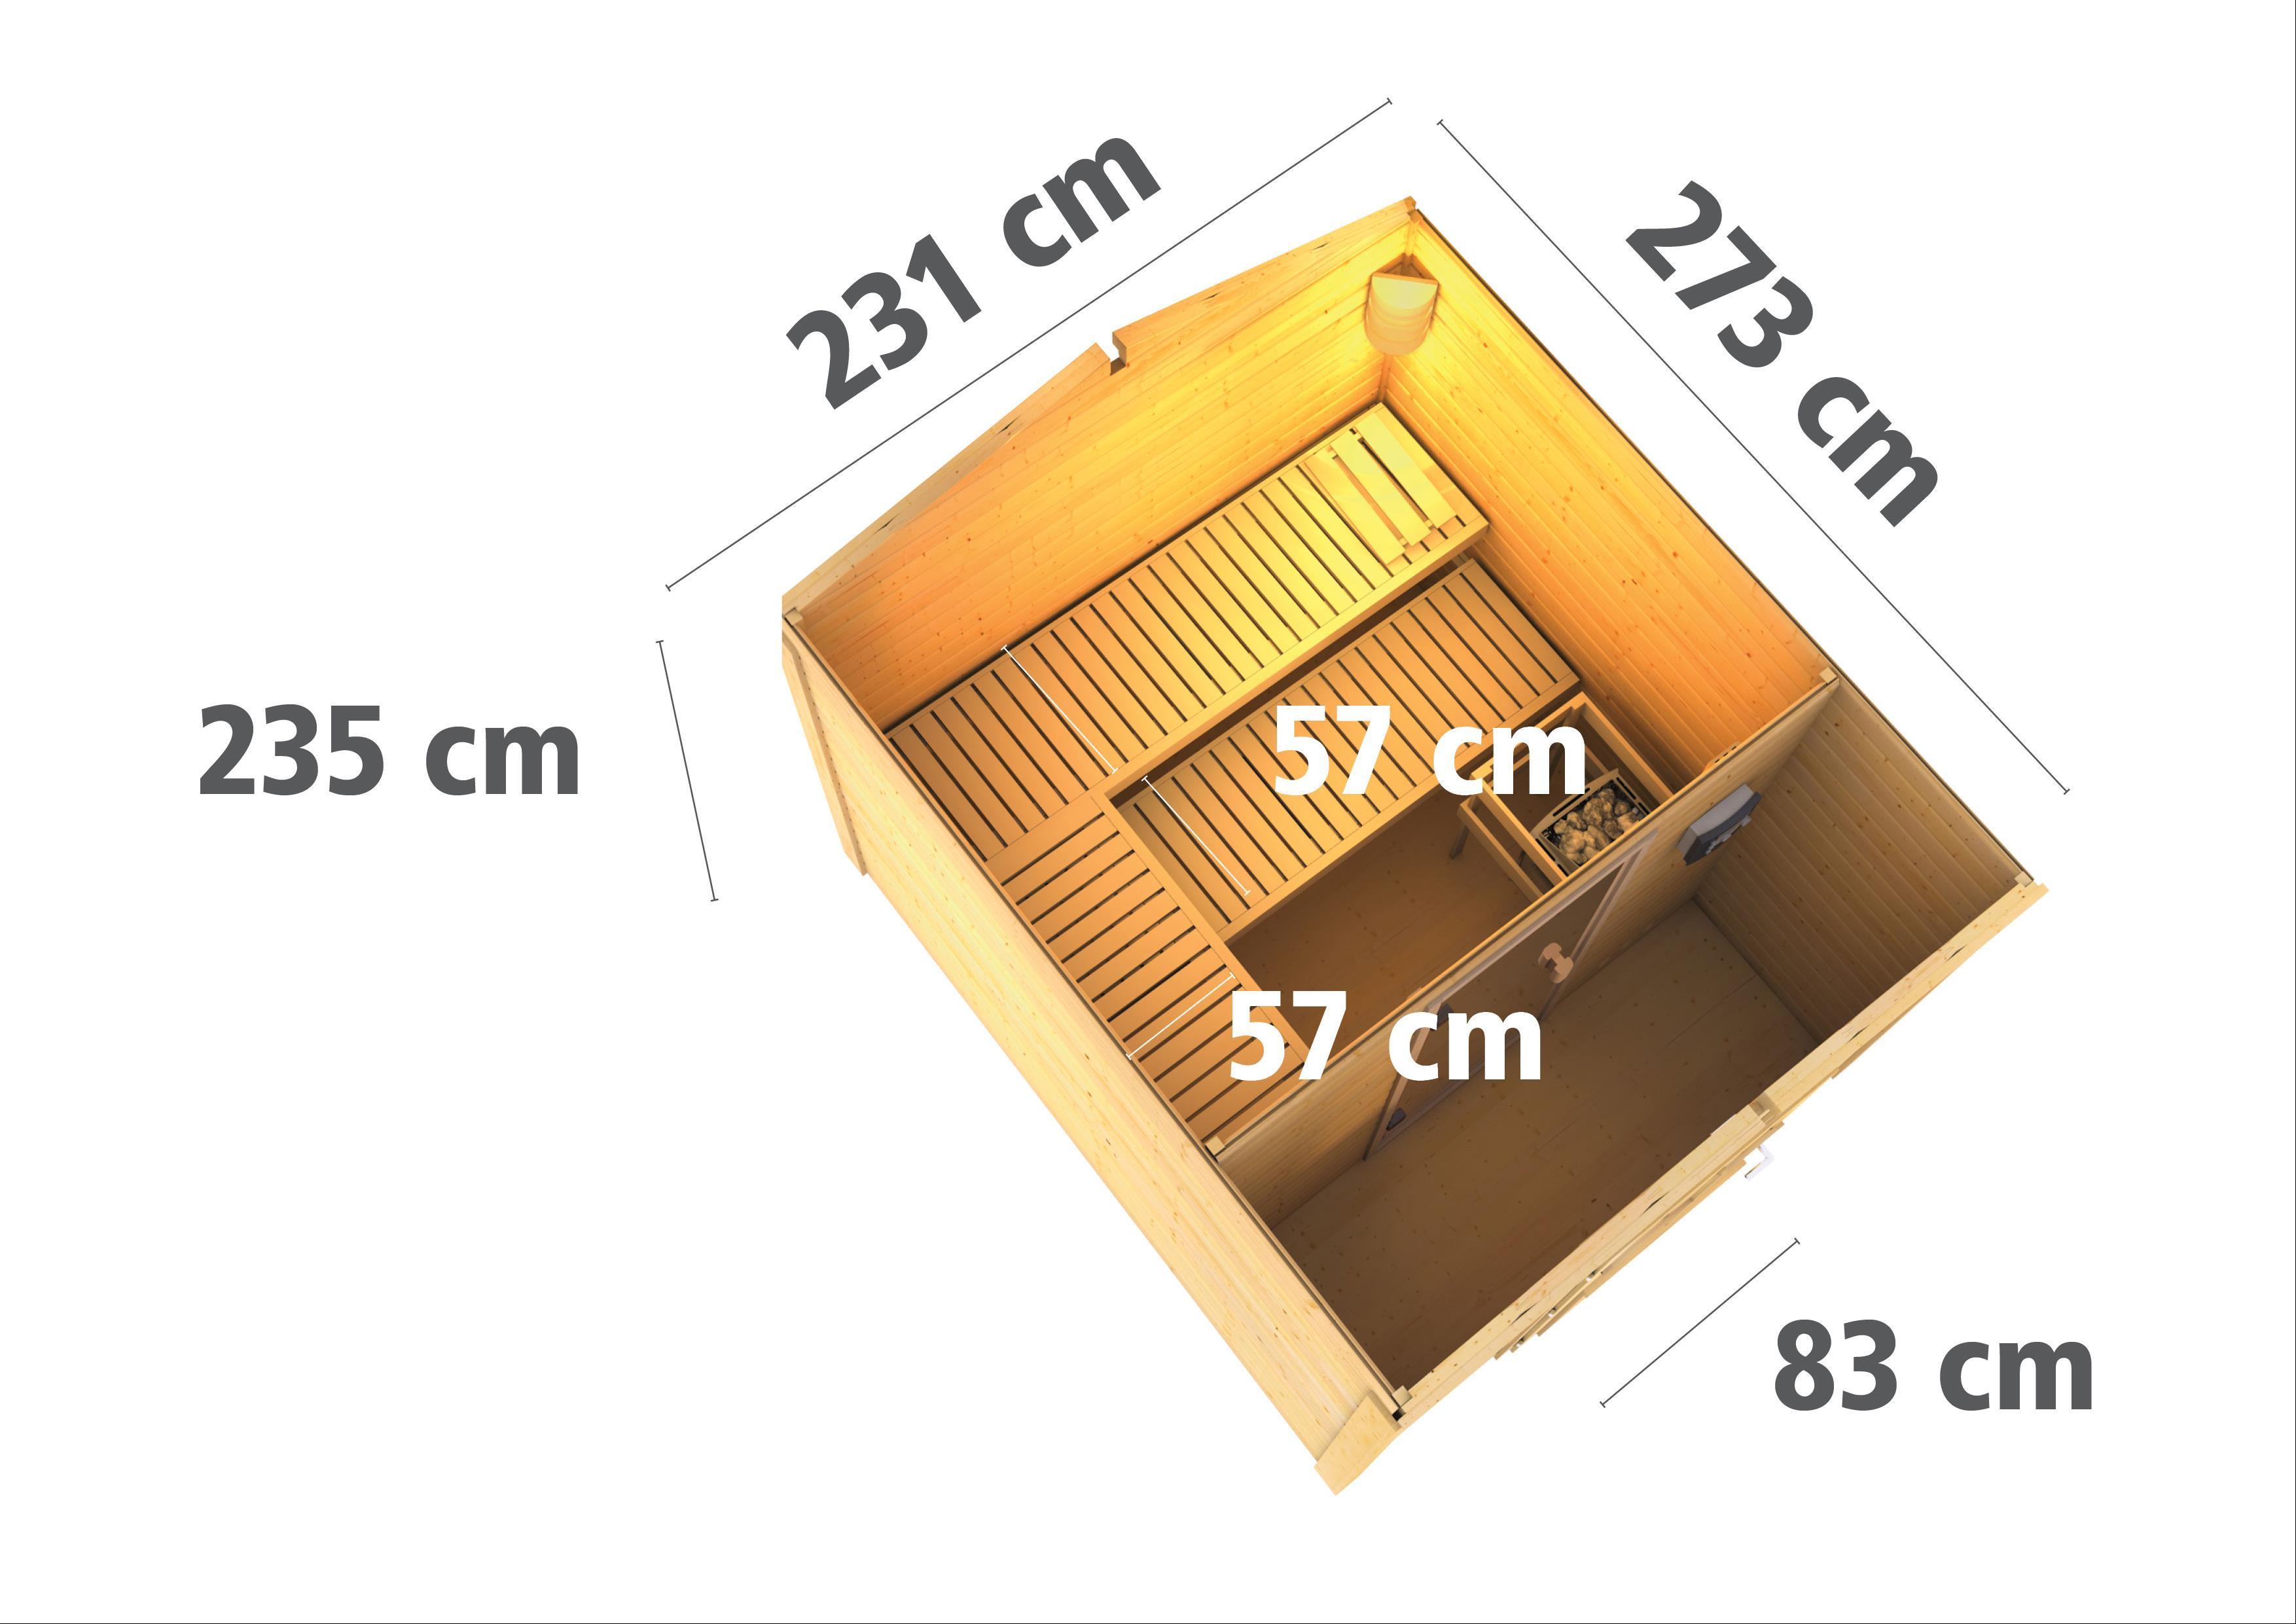 Gartensauna WoodFeeling Saunahaus Birka 1 38mm Vorraum Ofen 9kW ext. Bild 4